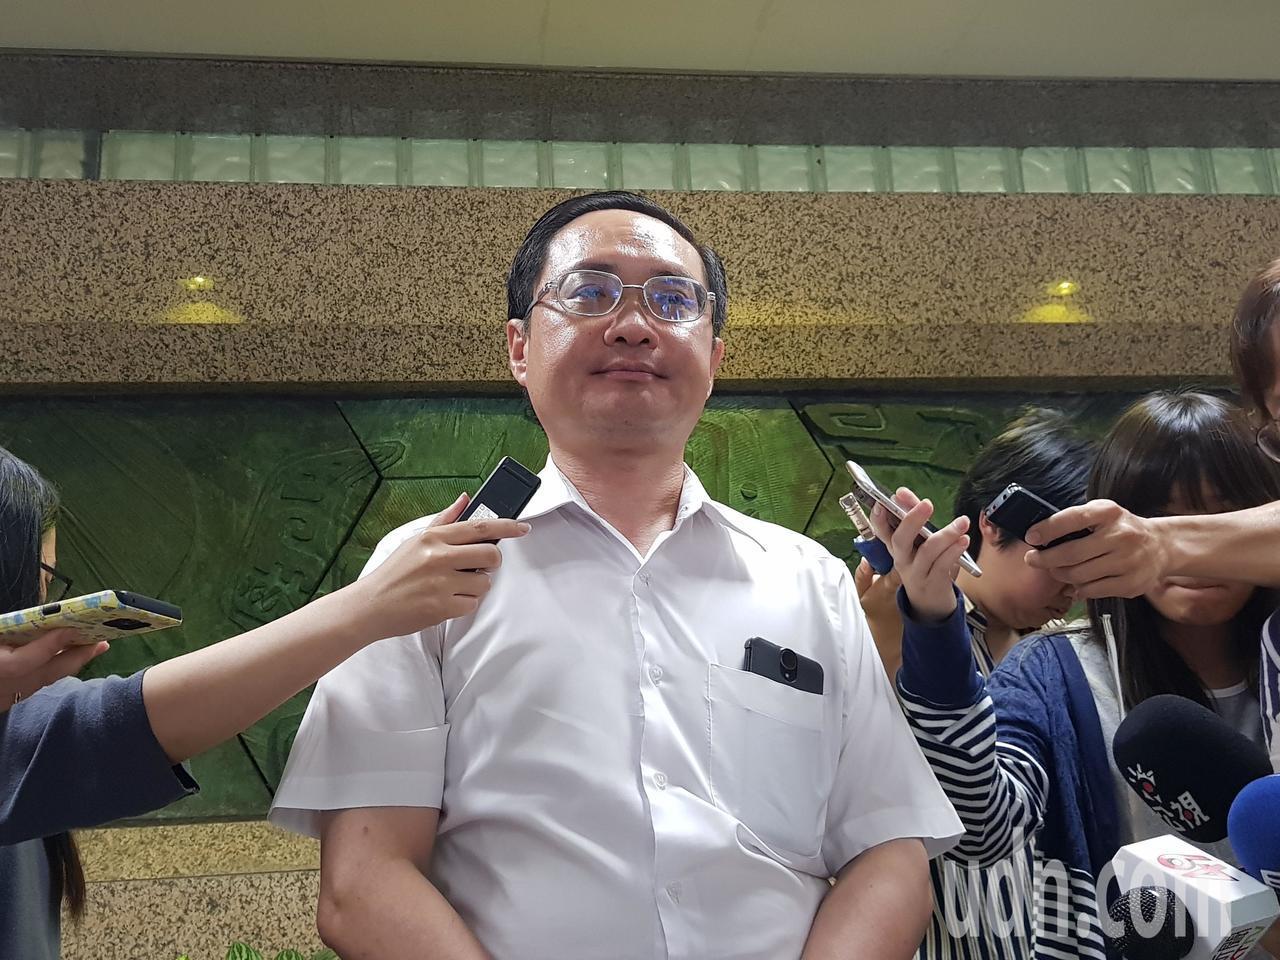 農委會漁業署副署長林國平,是今天出來回應的最高層級官員。記者彭宣雅/攝影